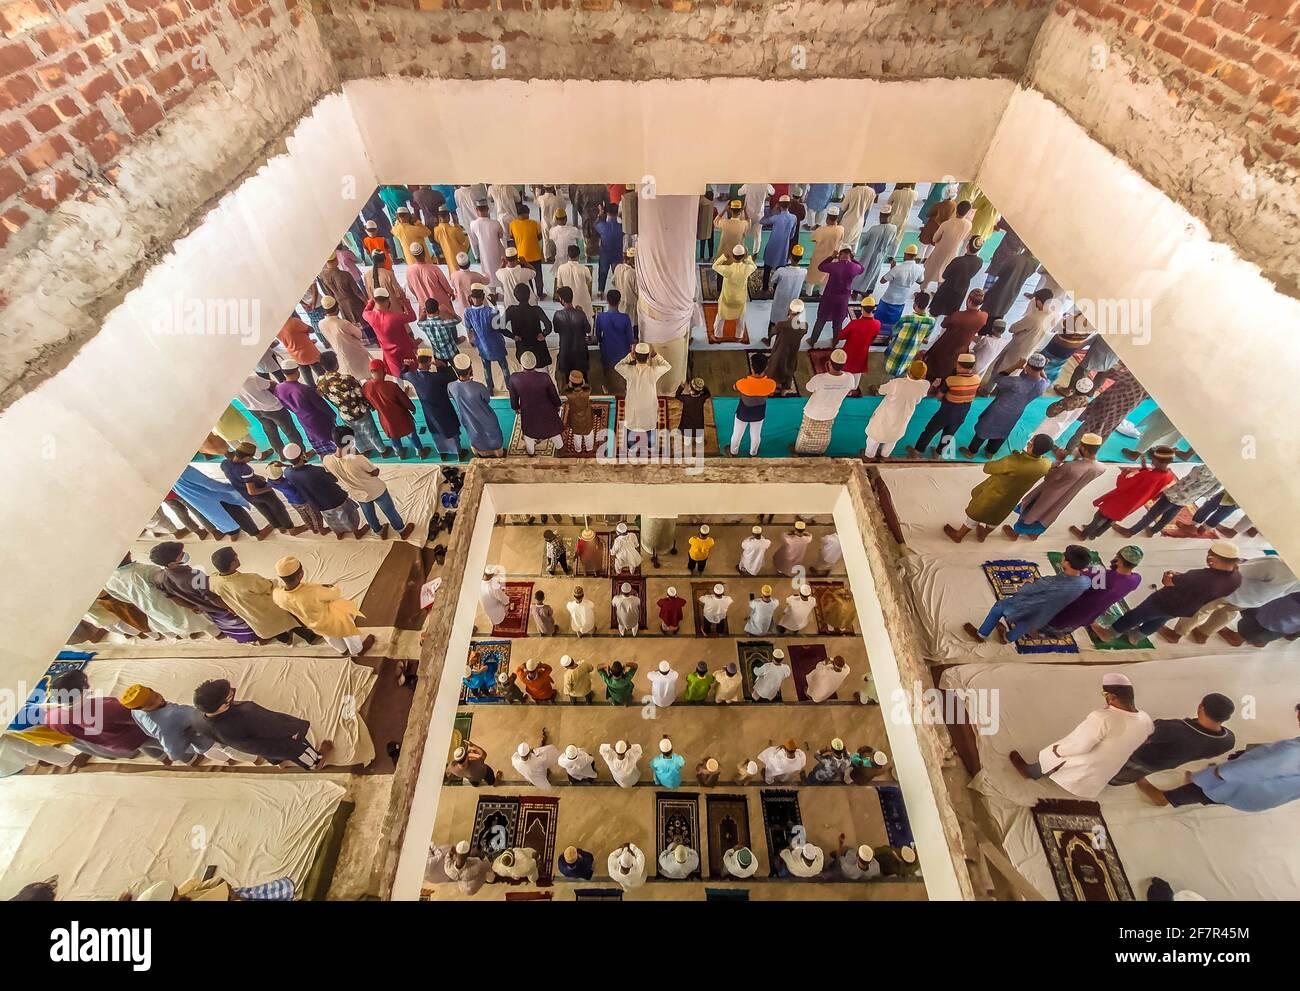 Barishal, Bangladesh. 9 avril 2021. Bien que la situation de confinement au Bangladesh soit due à une augmentation du nombre de patients Covid-19 et de décès chaque jour, les gens ne maintiennent pas une distance sociale minimale pour prier leur prière musulmane Jummah dans une mosquée de la ville de Barishal. Crédit: Mustasinur Rahman Alvi/ZUMA Wire/Alamy Live News Banque D'Images